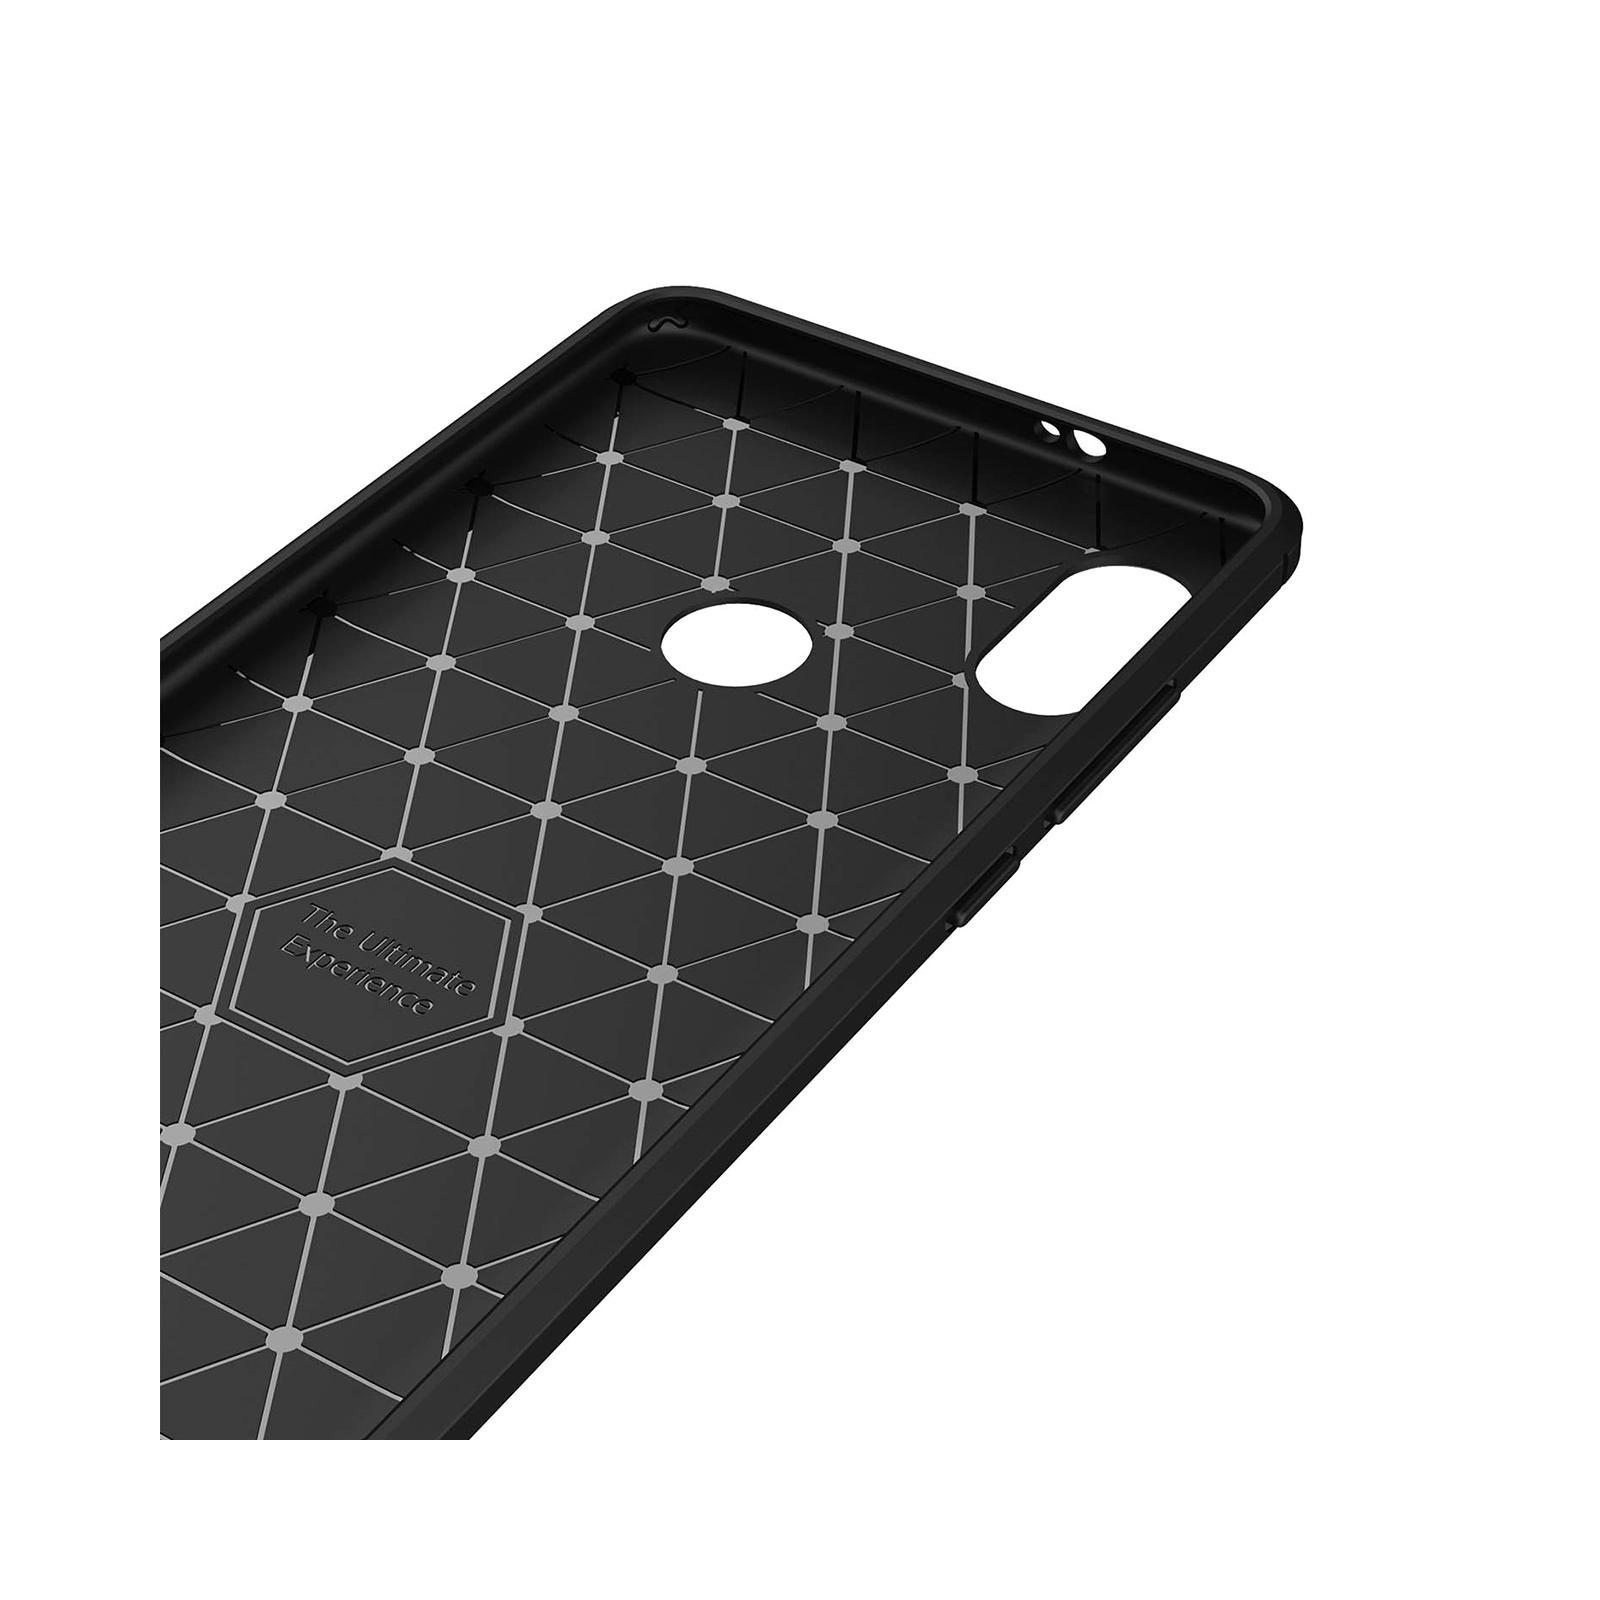 Чехол для моб. телефона Laudtec для XiaomiRedmi Note 5 Pro Carbon Fiber (Black) (LT-RN5PB) изображение 6